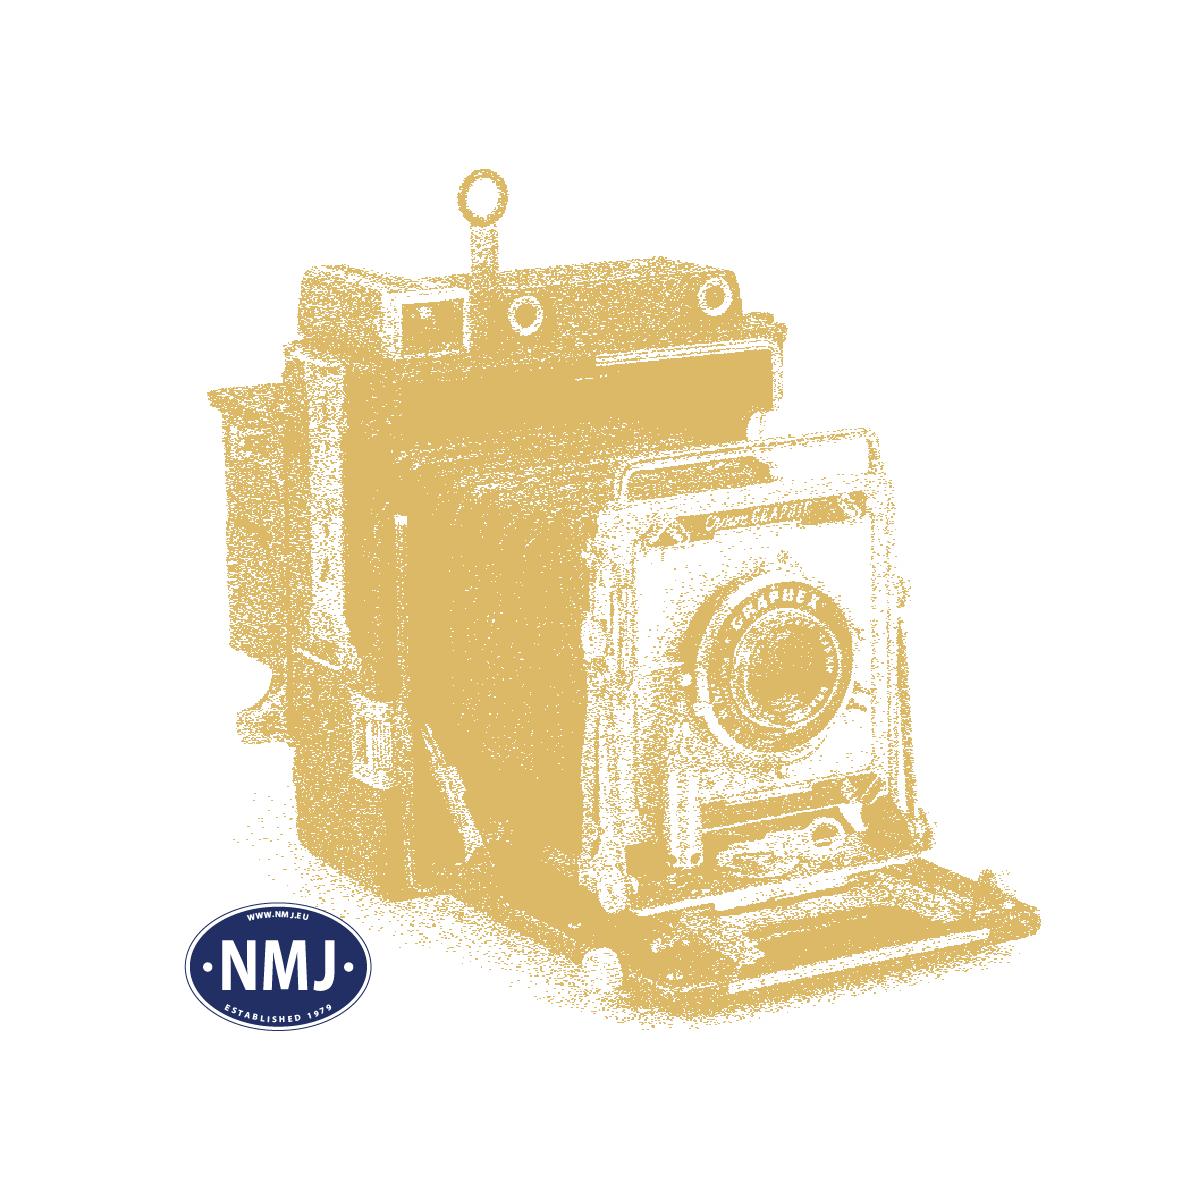 SHEPTK1009 - Verktøysett for platbyggesett